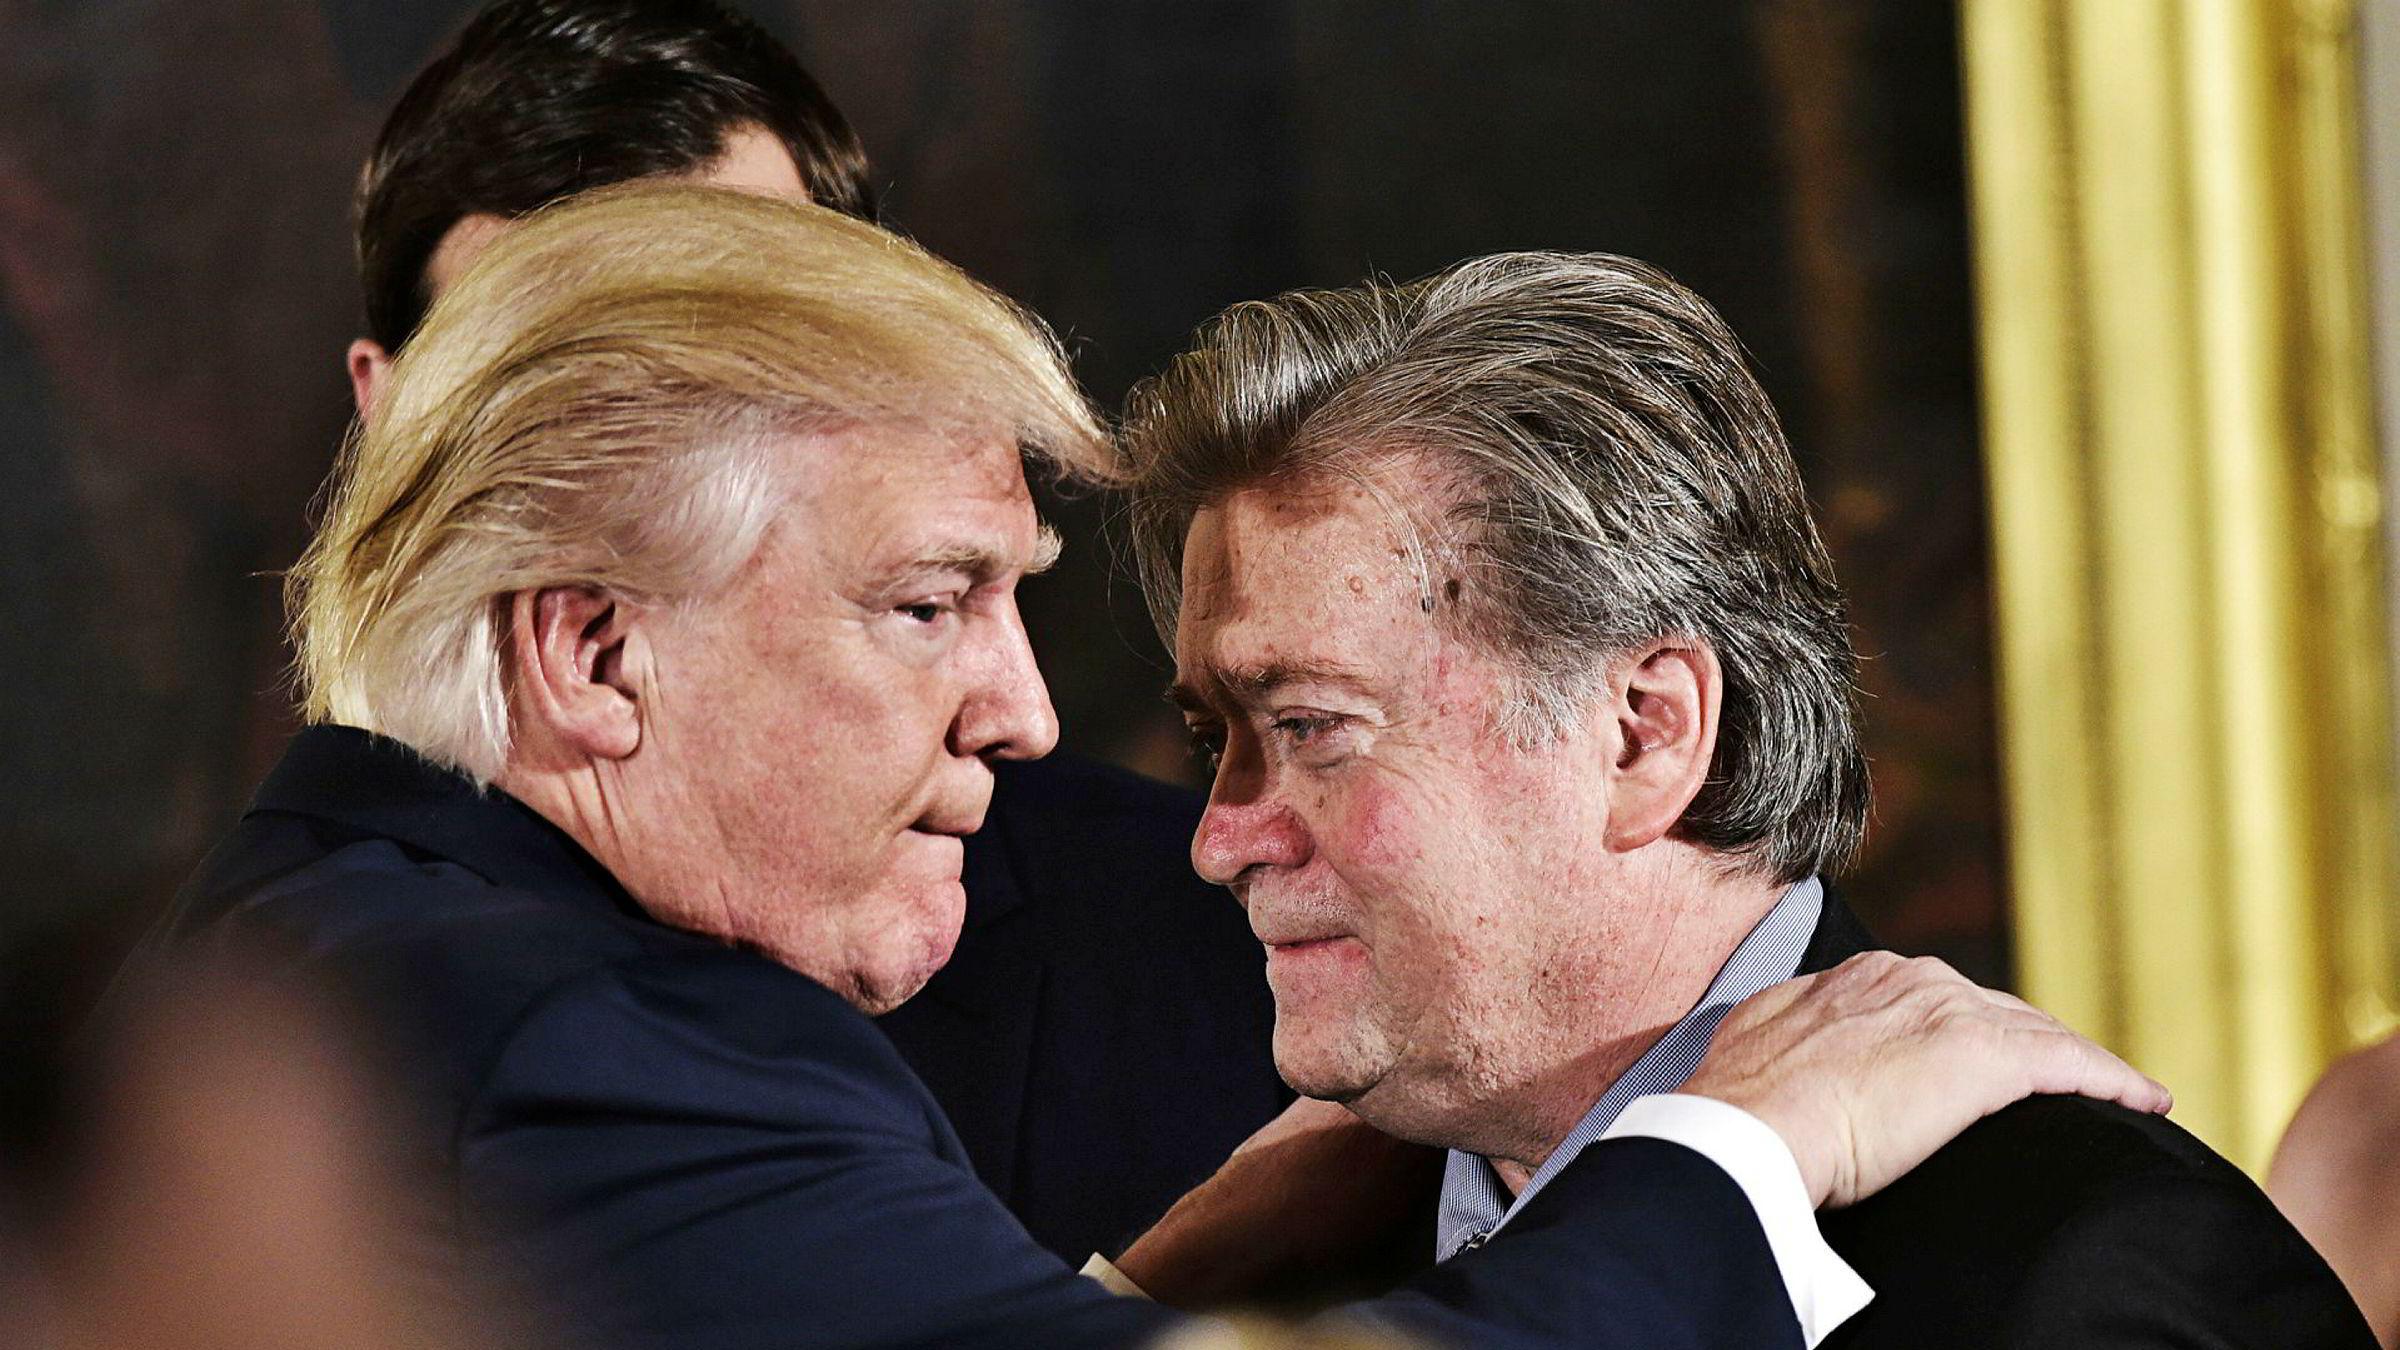 Nå langer Trump ut mot sin tidligere viktigste rådgiver, sjefstrateg Steve Bannon. Utfallene kommer etter at Bannon har uttalt seg kritisk om enkelte ting som skjedde i Det hvite hus frem til han fikk sparken i august i fjor.